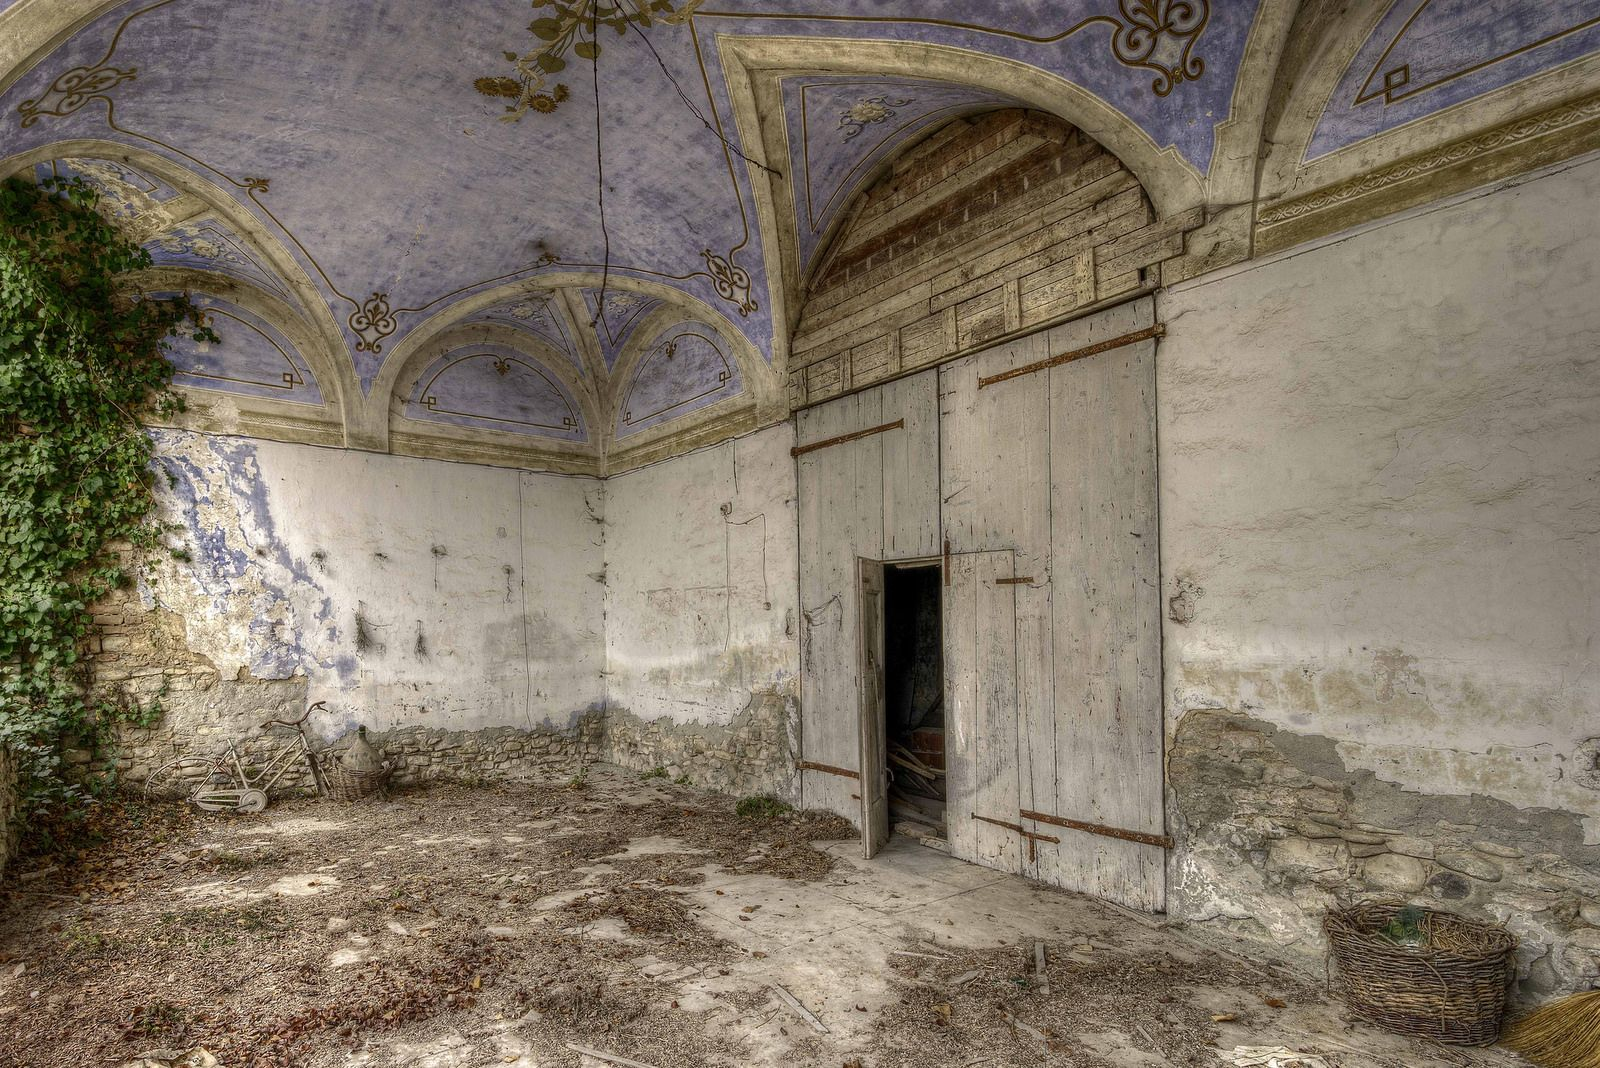 Loggia Ingresso   相片擁有者 salva57d